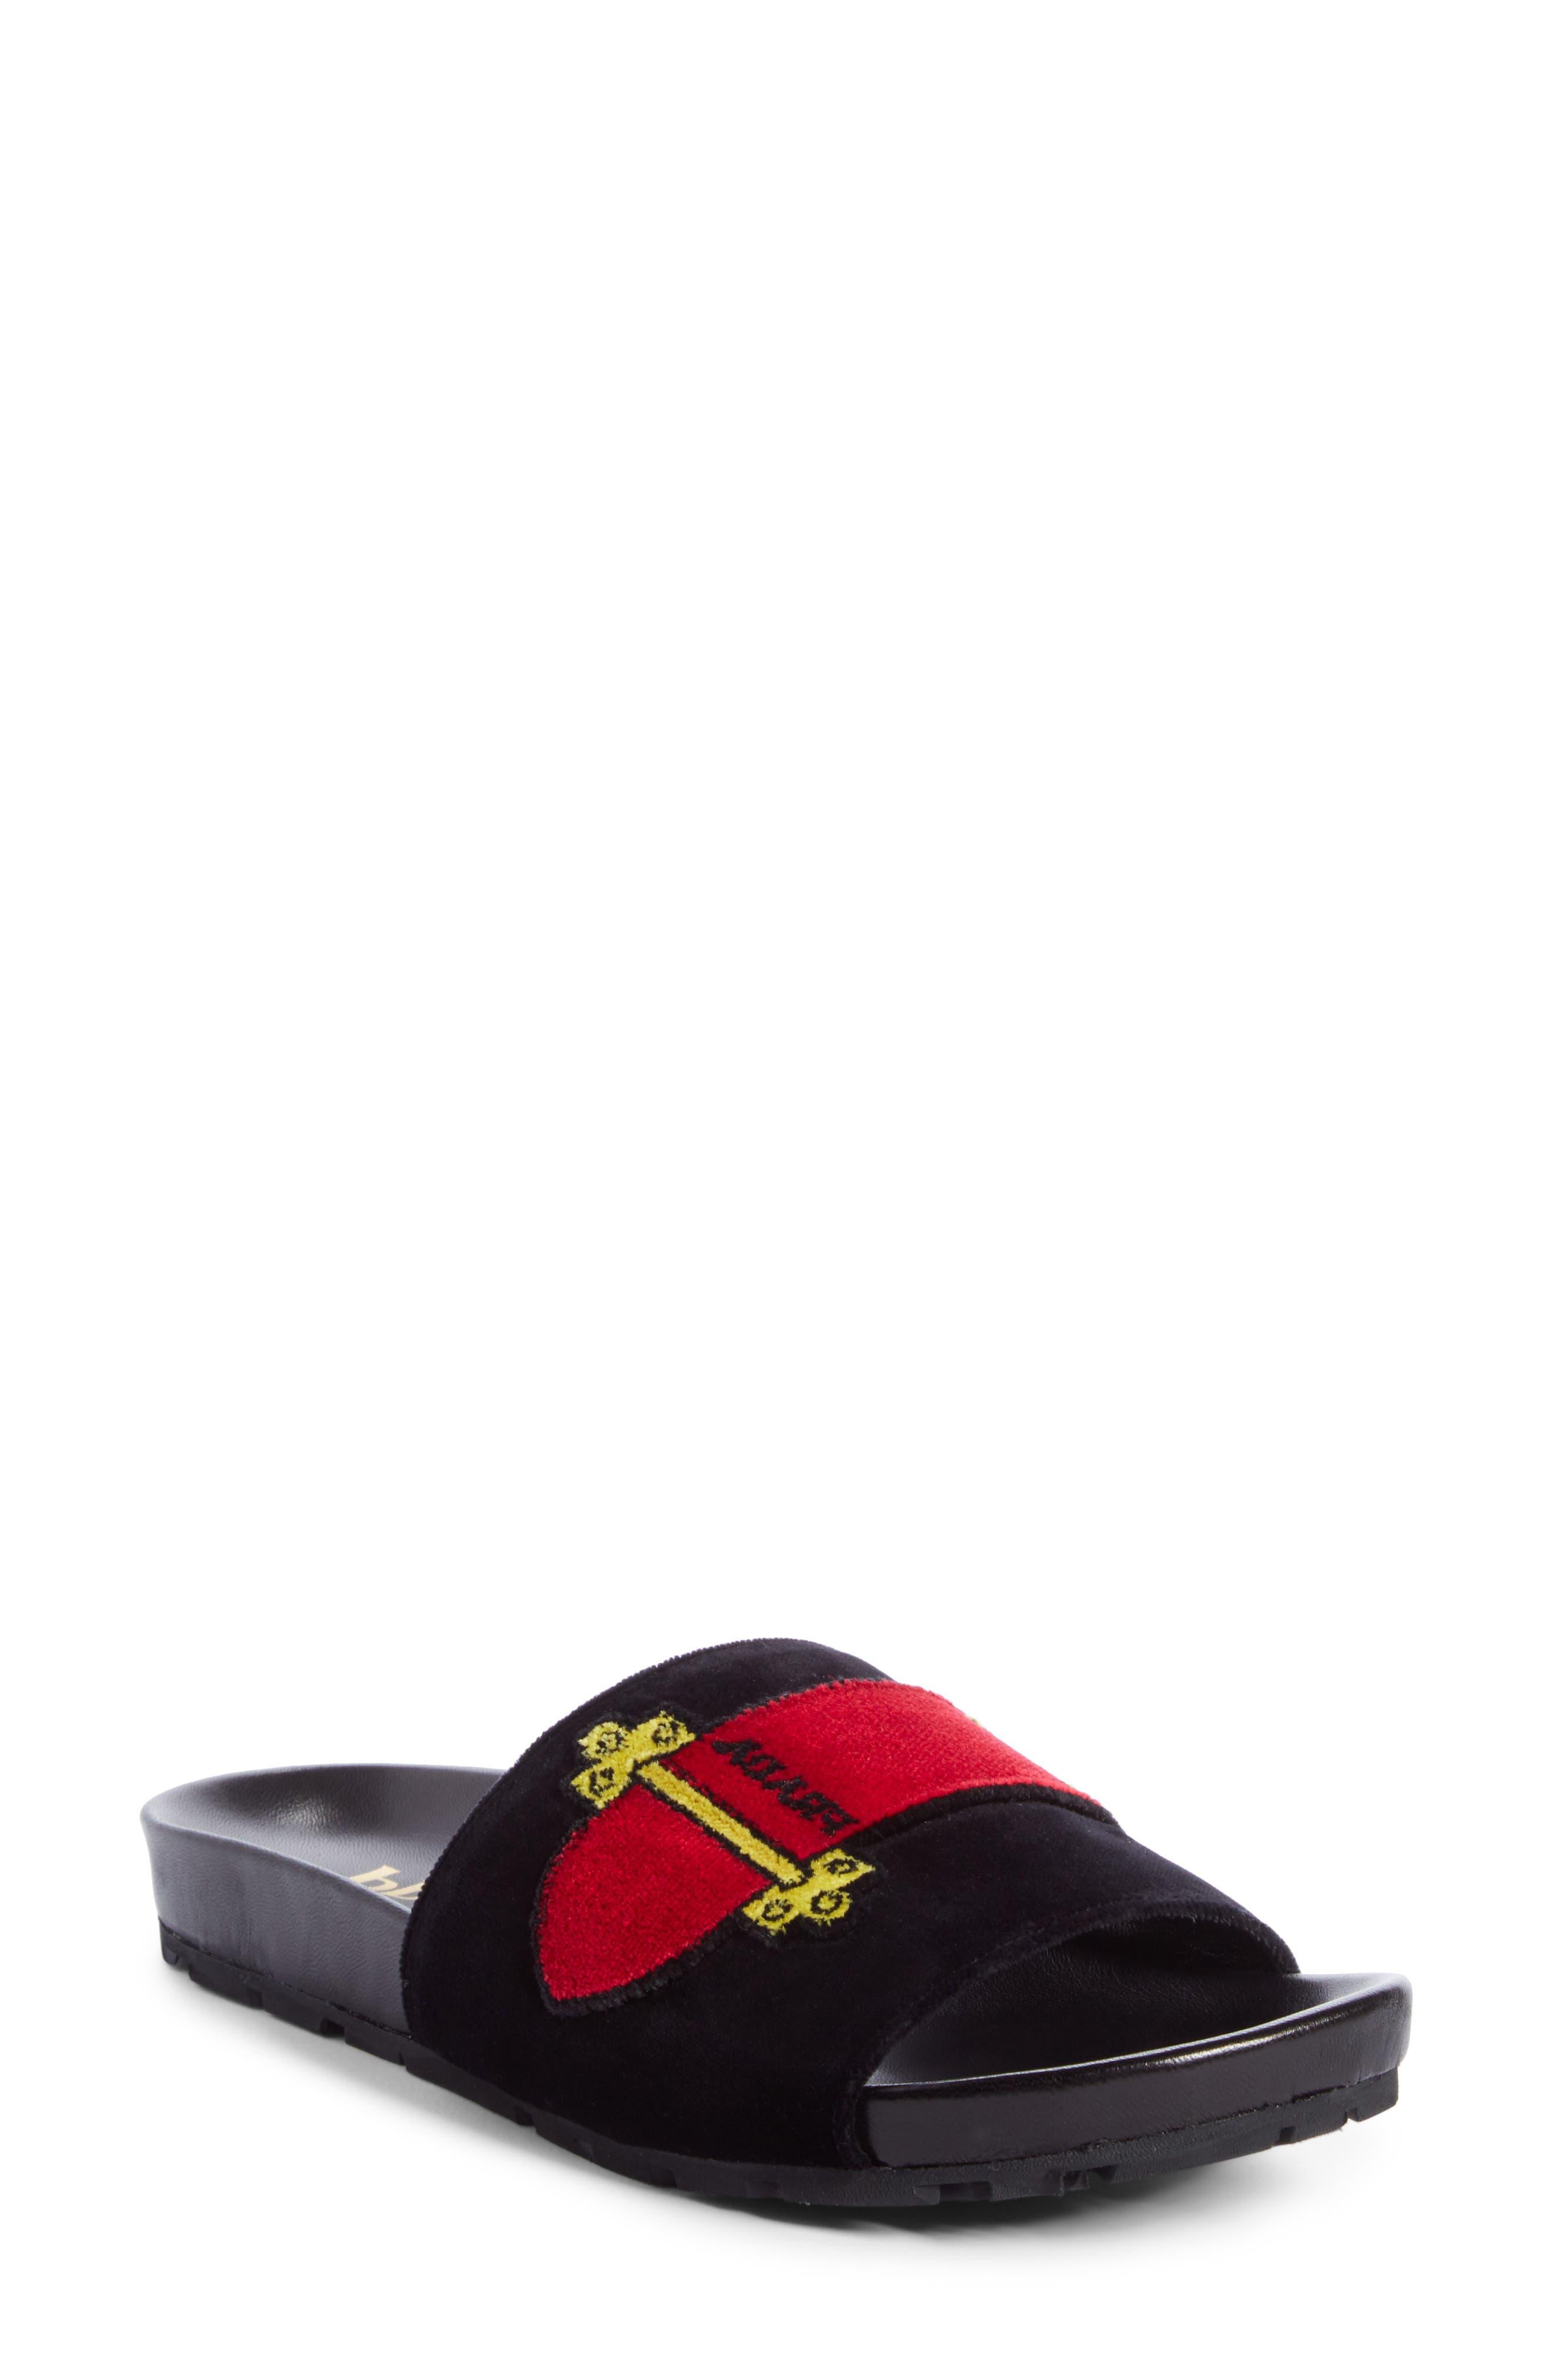 Alternate Image 1 Selected - Prada Logo Slide Sandal (Women)